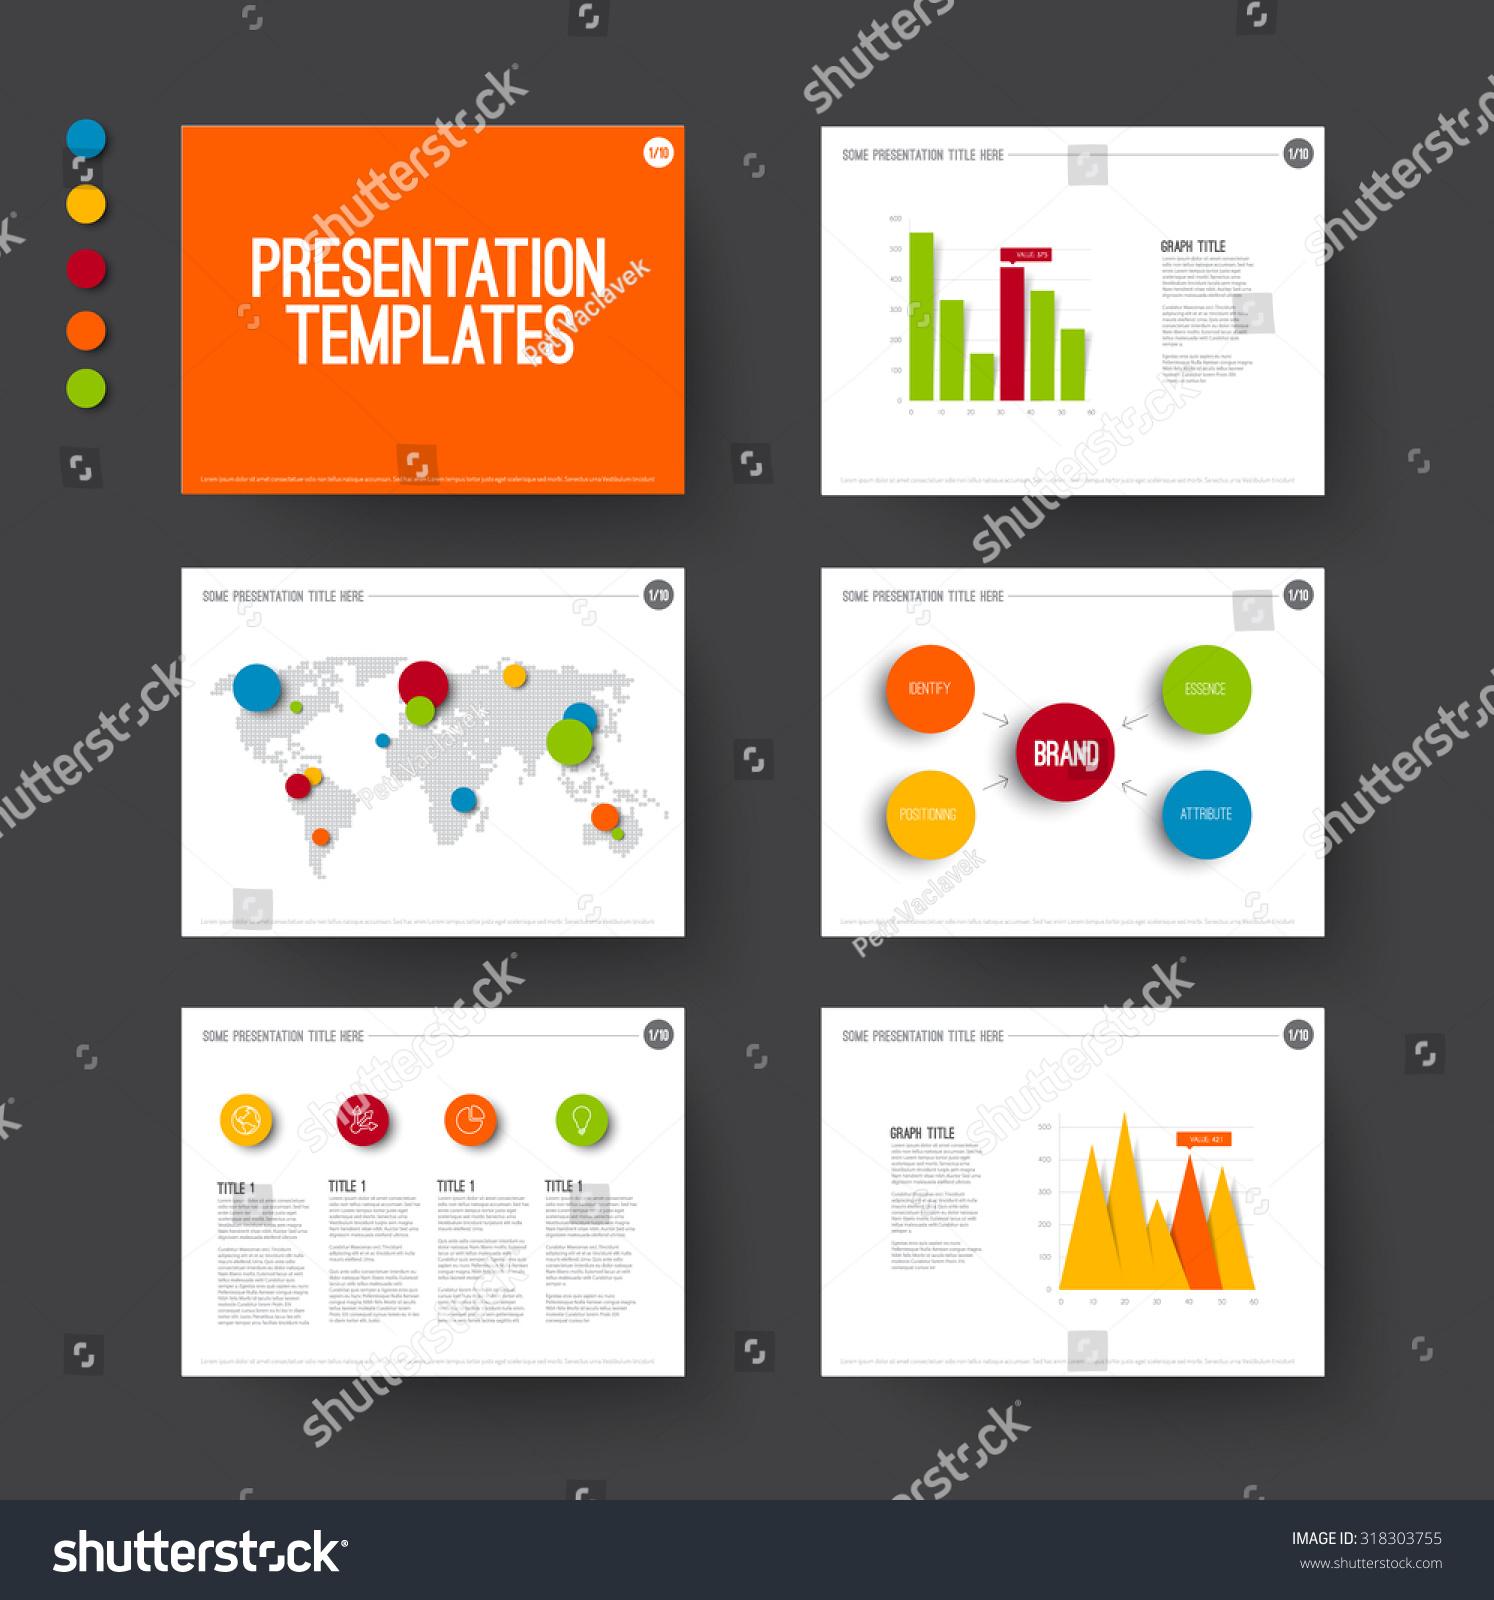 Amazing graph vectors images